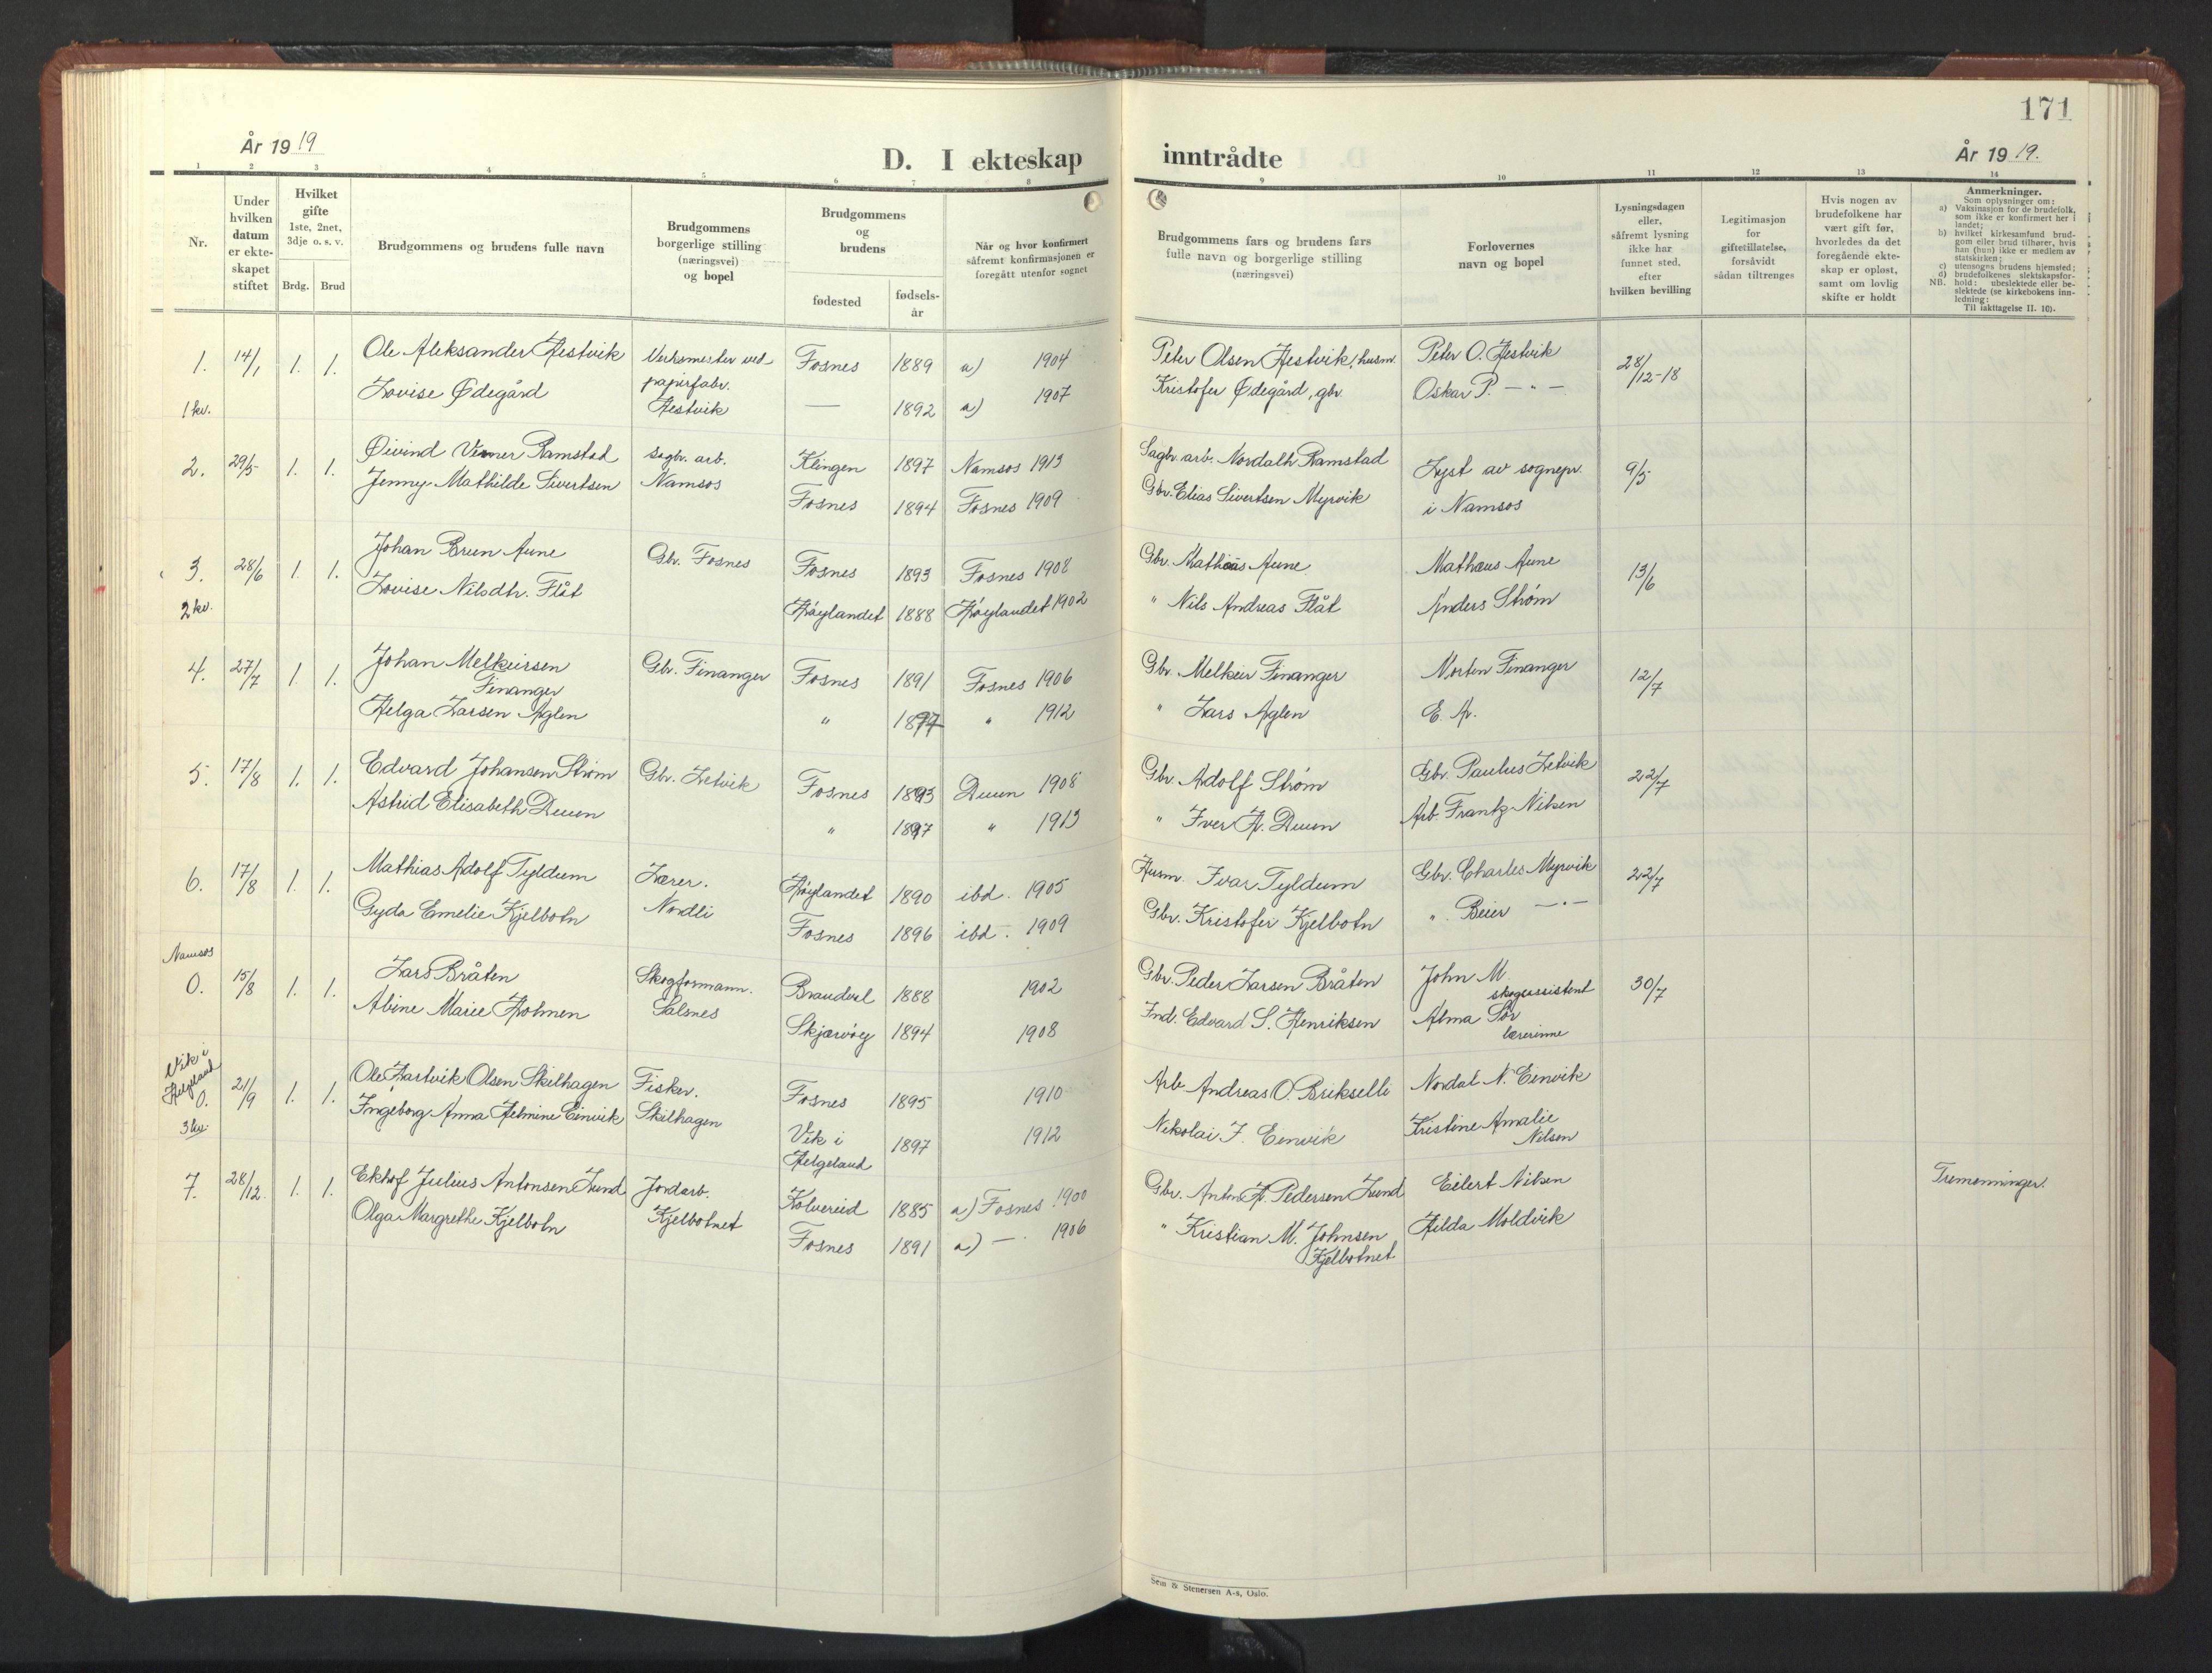 SAT, Ministerialprotokoller, klokkerbøker og fødselsregistre - Nord-Trøndelag, 773/L0625: Klokkerbok nr. 773C01, 1910-1952, s. 171